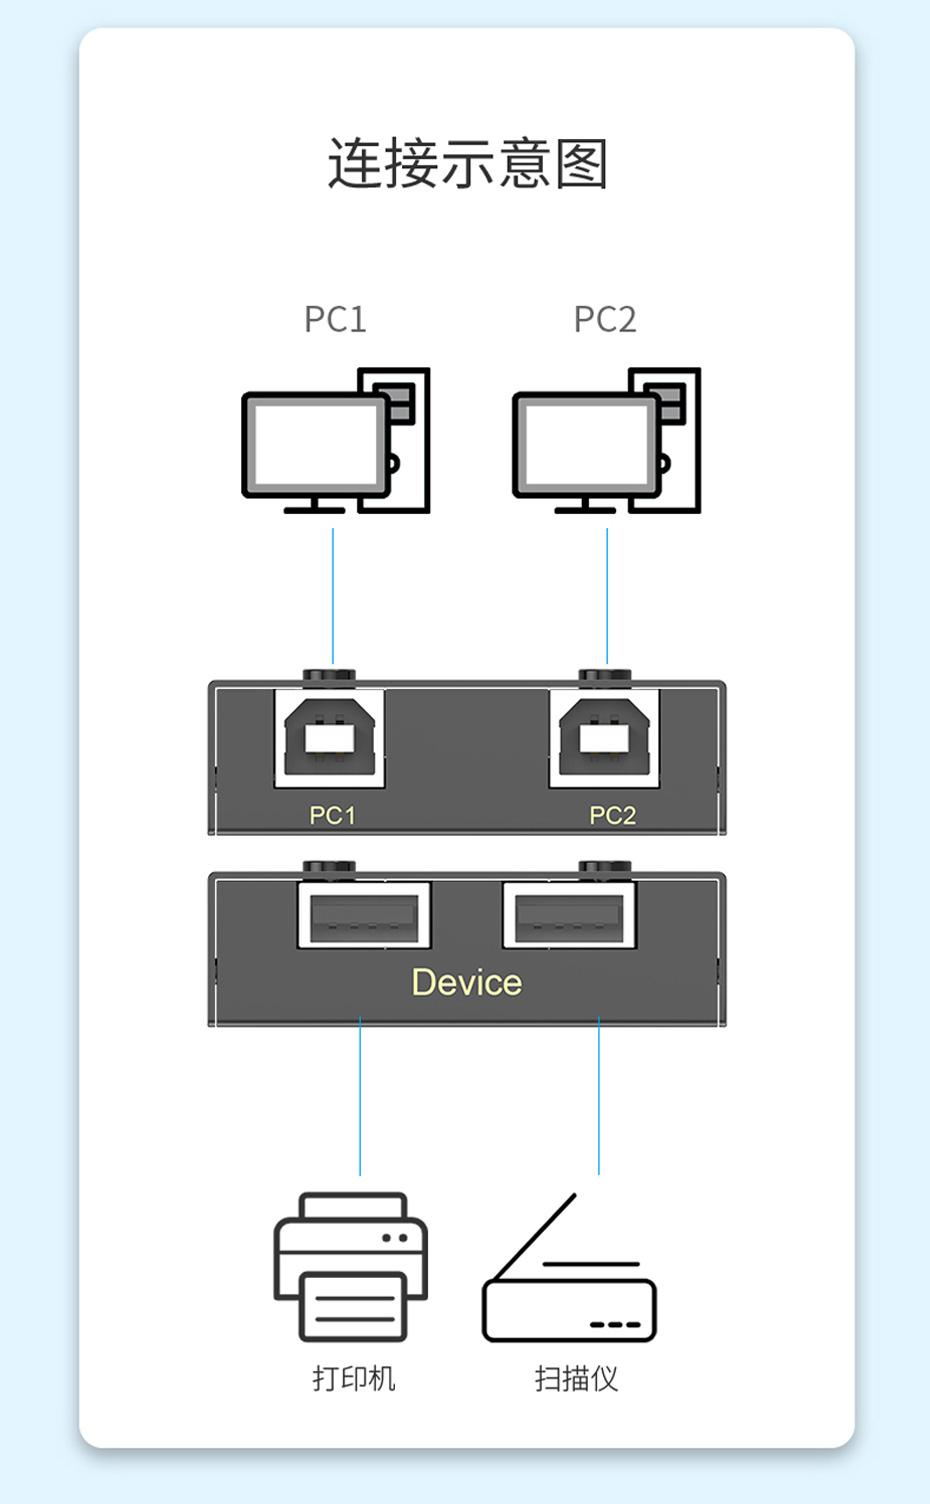 2口USB打印机共享器02U连接使用示意图